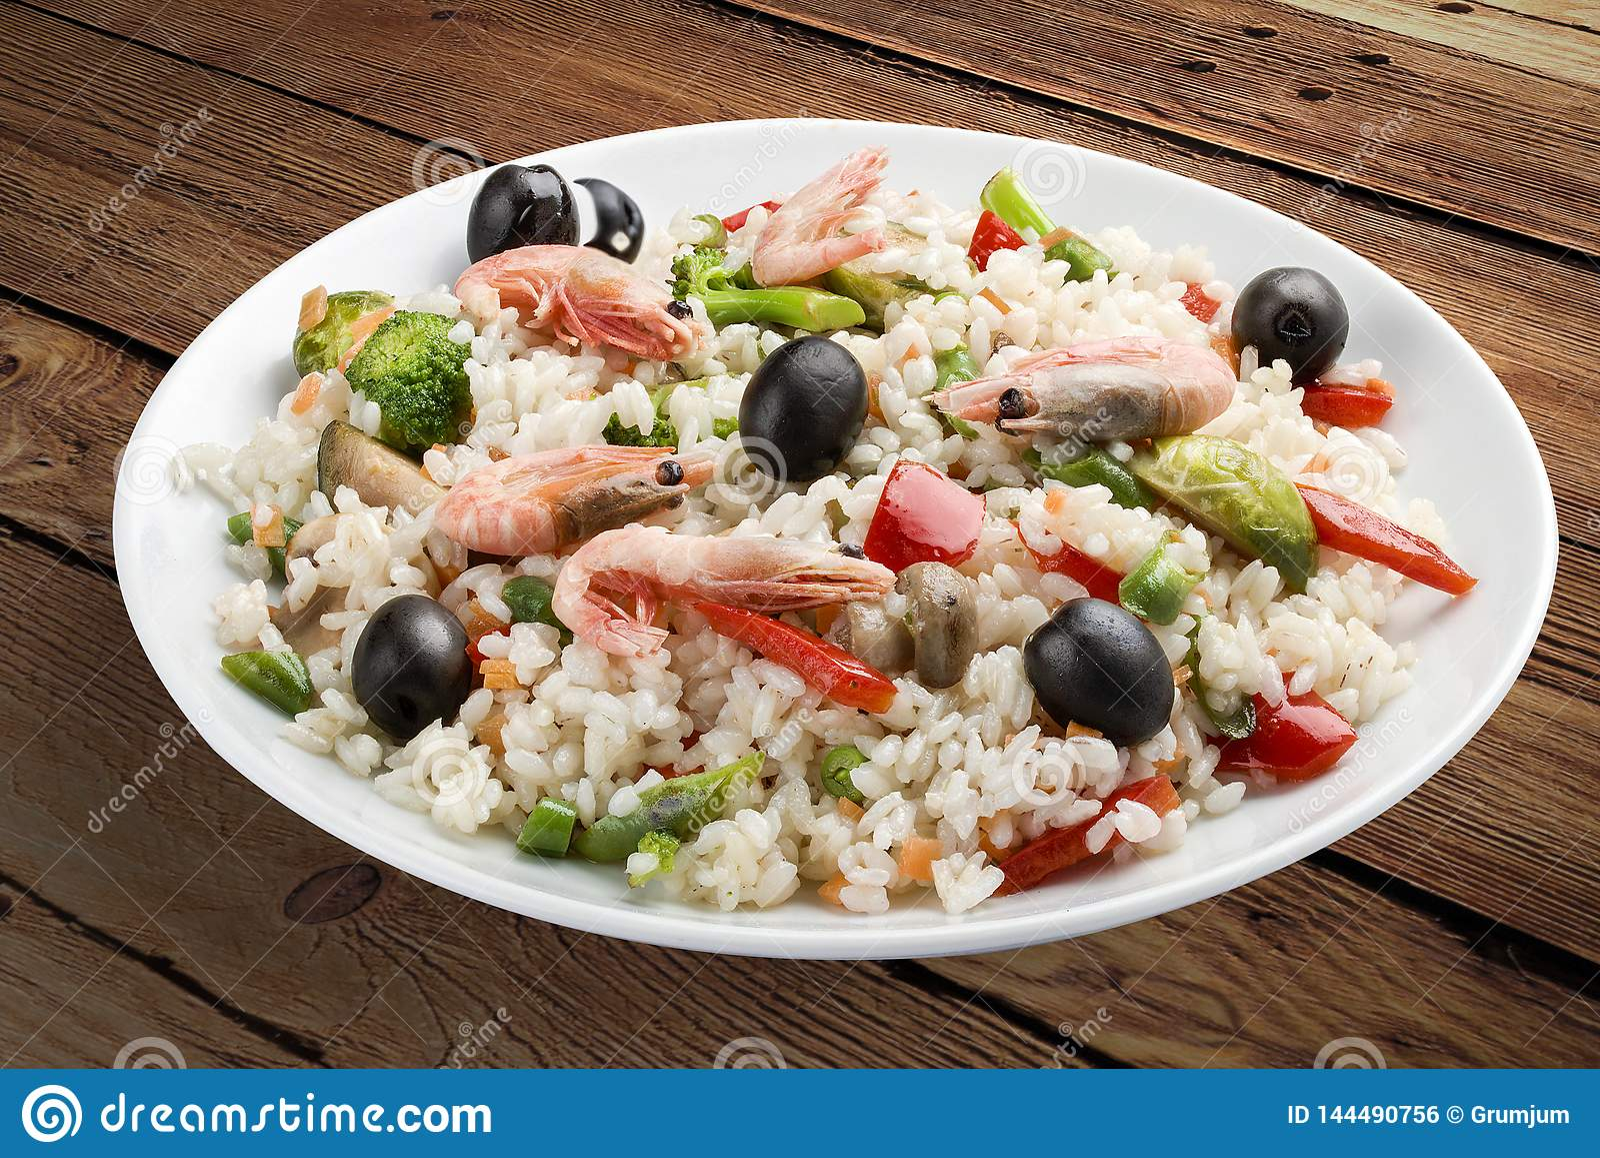 Gruau de riz avec des crevettes et des légumes